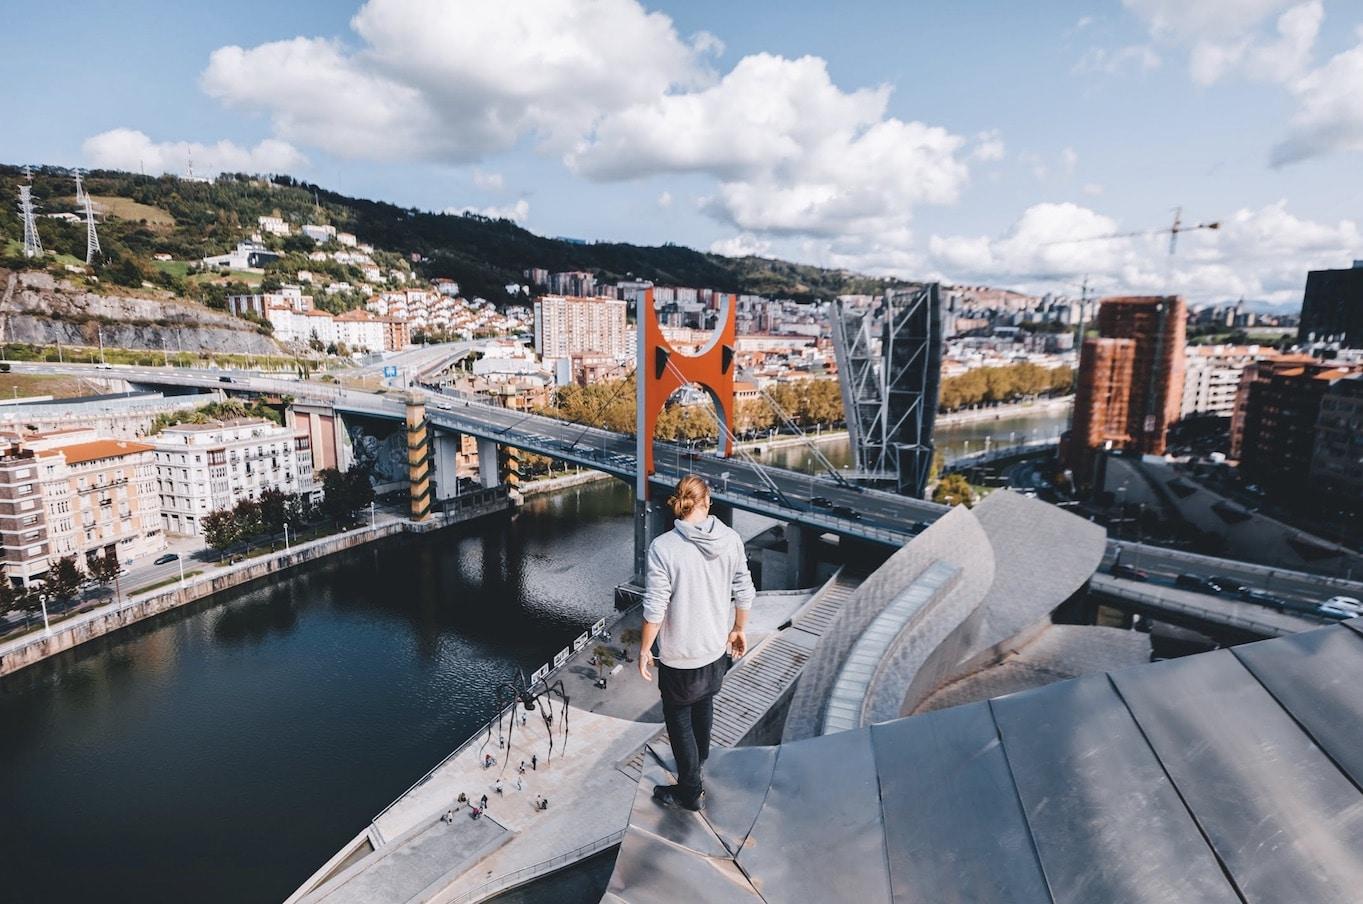 Google-ek Museoaren XX.urteurrenagatik duen proiektua Guggenheim Bilbo argazkia. Trashhanden argazkia, 2017 – Guggenheim Bilbo Museoaren argazkia)